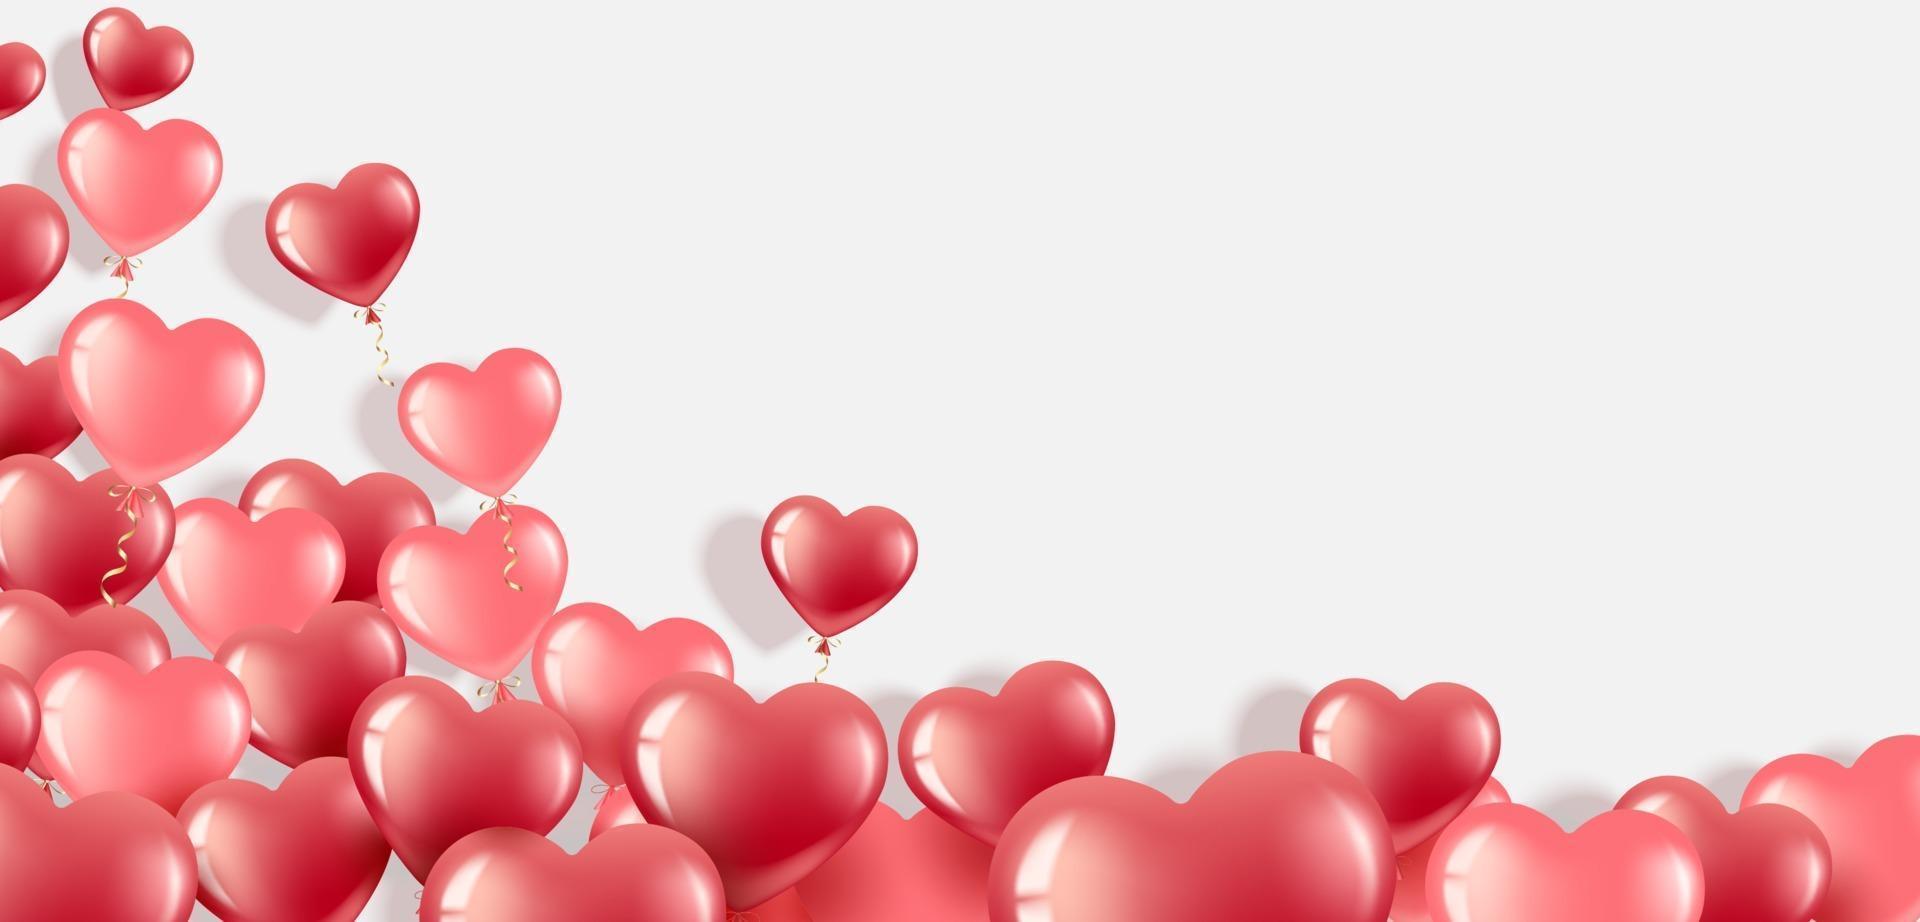 banner di palloncini cuore rosso per san valentino vettore